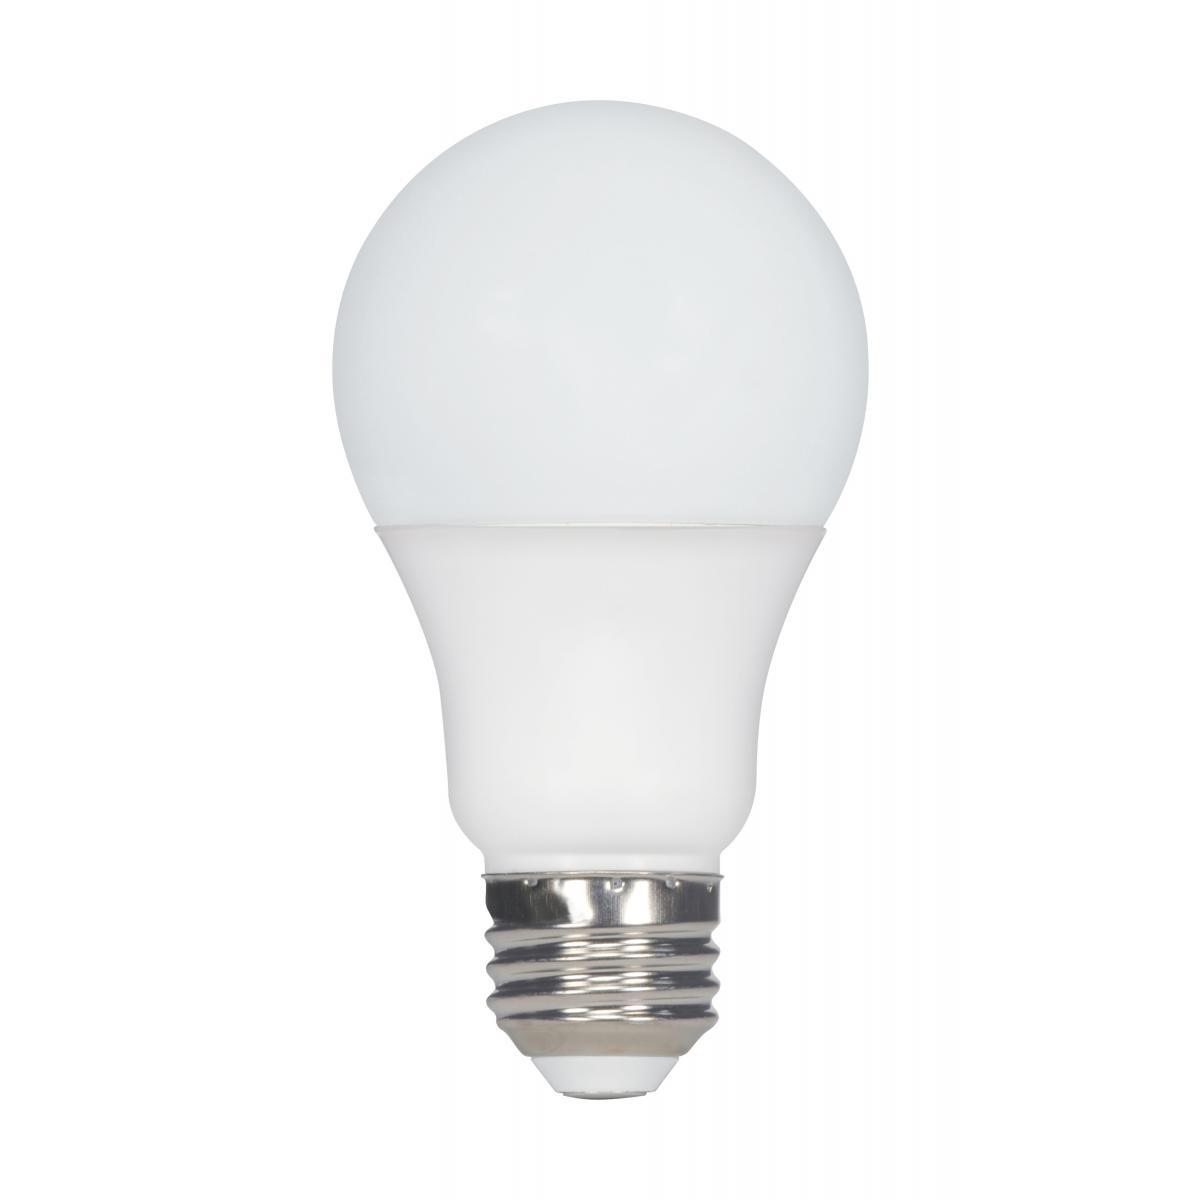 S11408 9.8A19/LED/40K/120V/ECO/ND